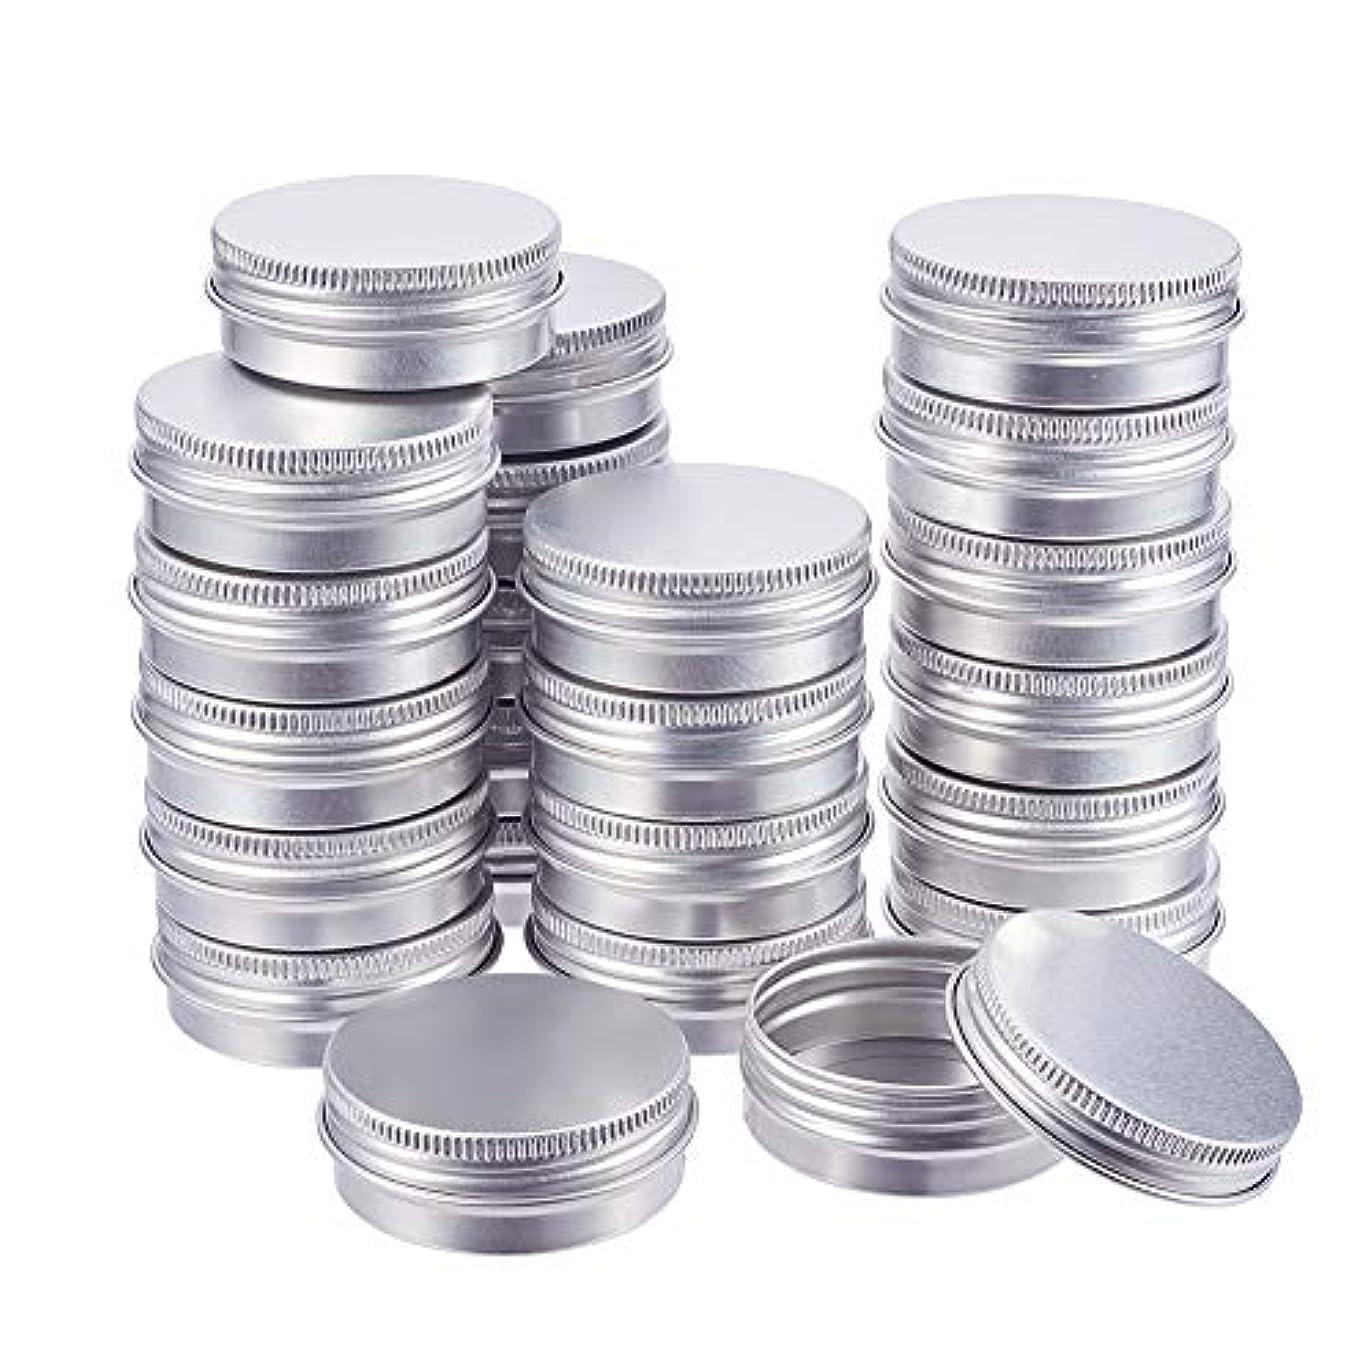 旋回シャーク落胆したBENECREAT 30個セット30mlアルミ缶 アルミネジキャップ缶 小分け容器 詰め替え容器 クリームケース 化粧品 クリーム 小物用収納ボックス シルバー